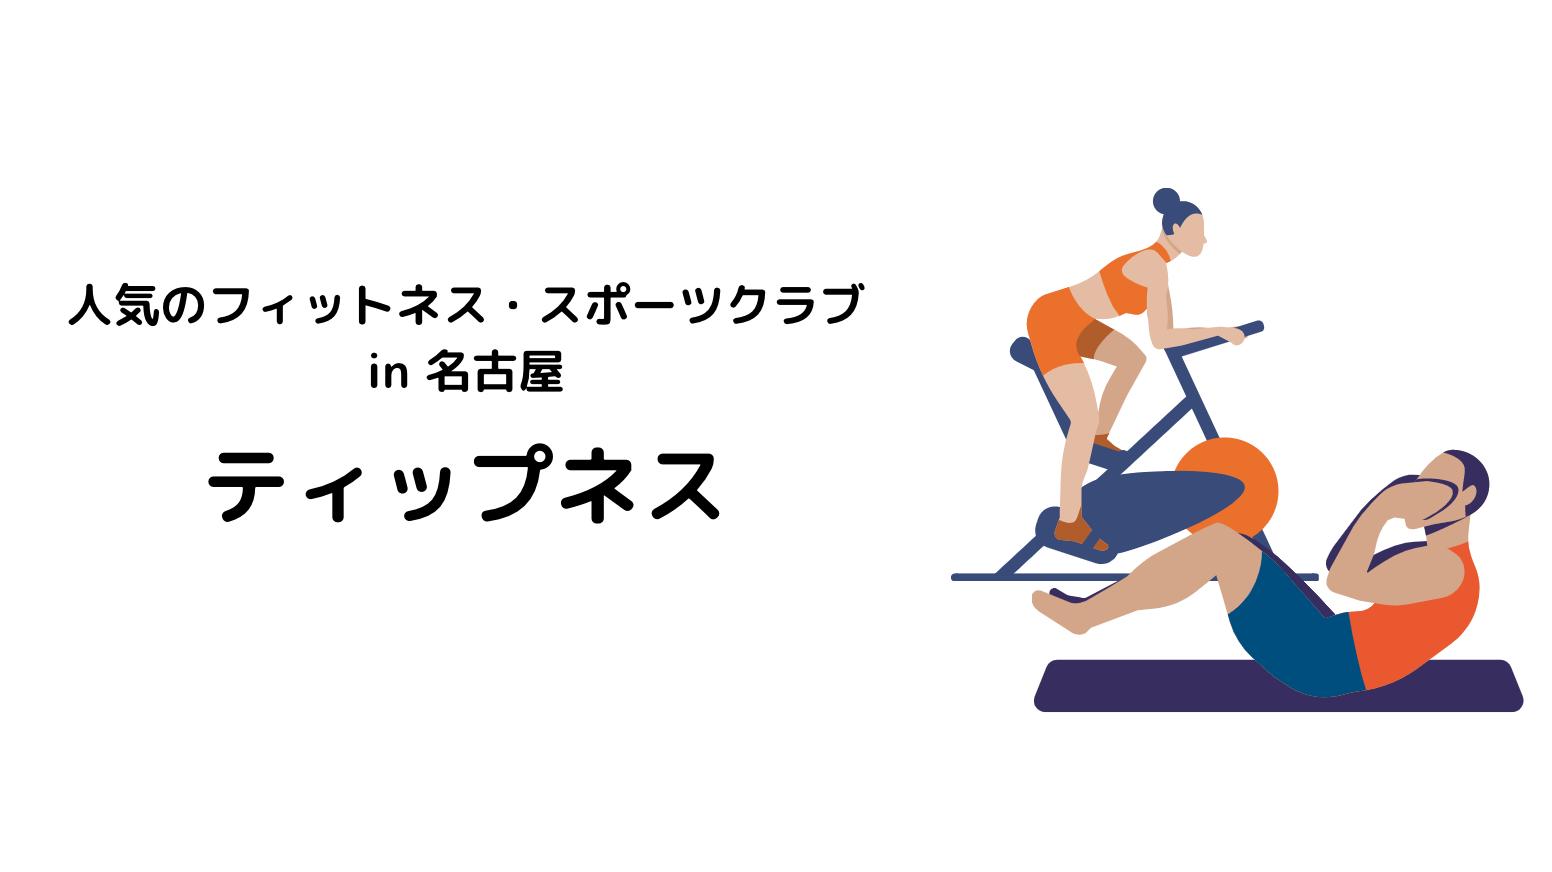 名古屋_ジム_フィットネスジム_スポーツジム_フィットネスクラブ_スポーツクラブ_おすすめ_人気_ランキング_ティップネス